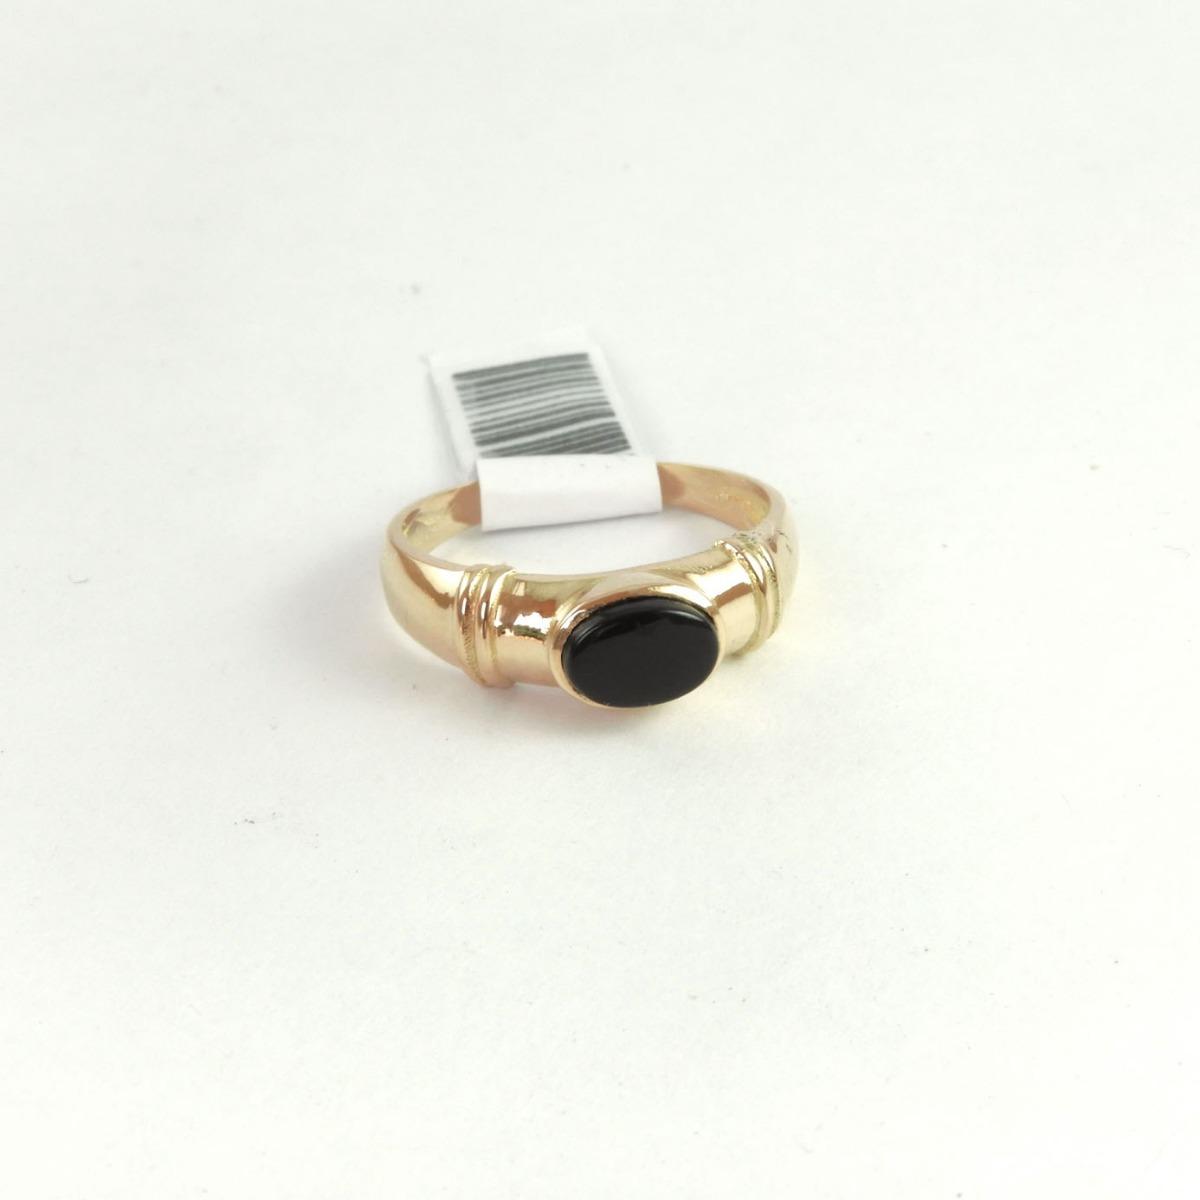 0a369f8edeed anillo oro 18k 3gr con piedra oval negra garantía. Cargando zoom.